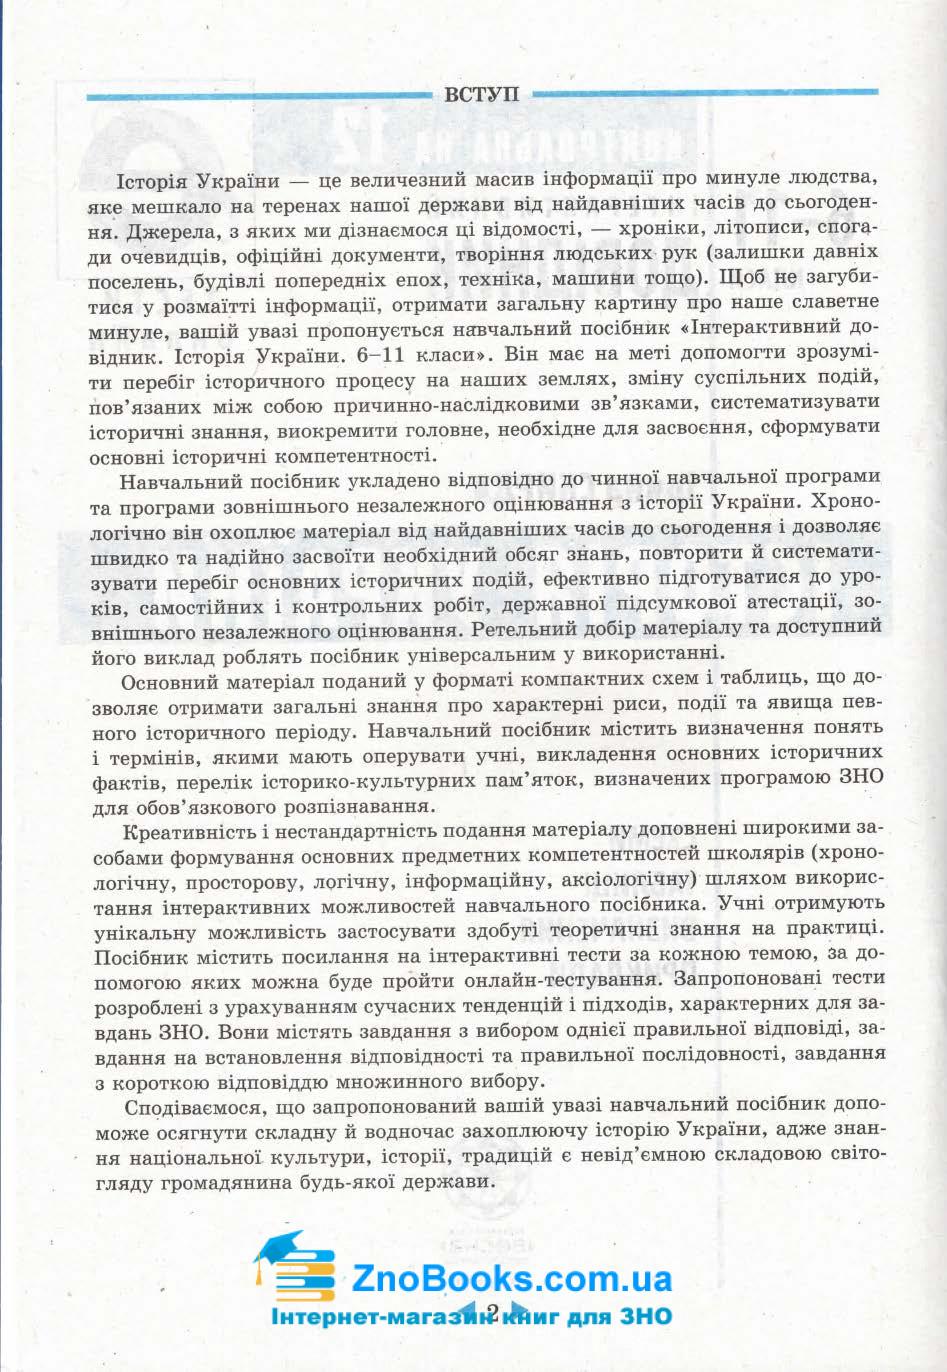 Довідник 6-11 класи з історії України.  Підготовка до ЗНО та ДПА : Скирда І. Весна 2